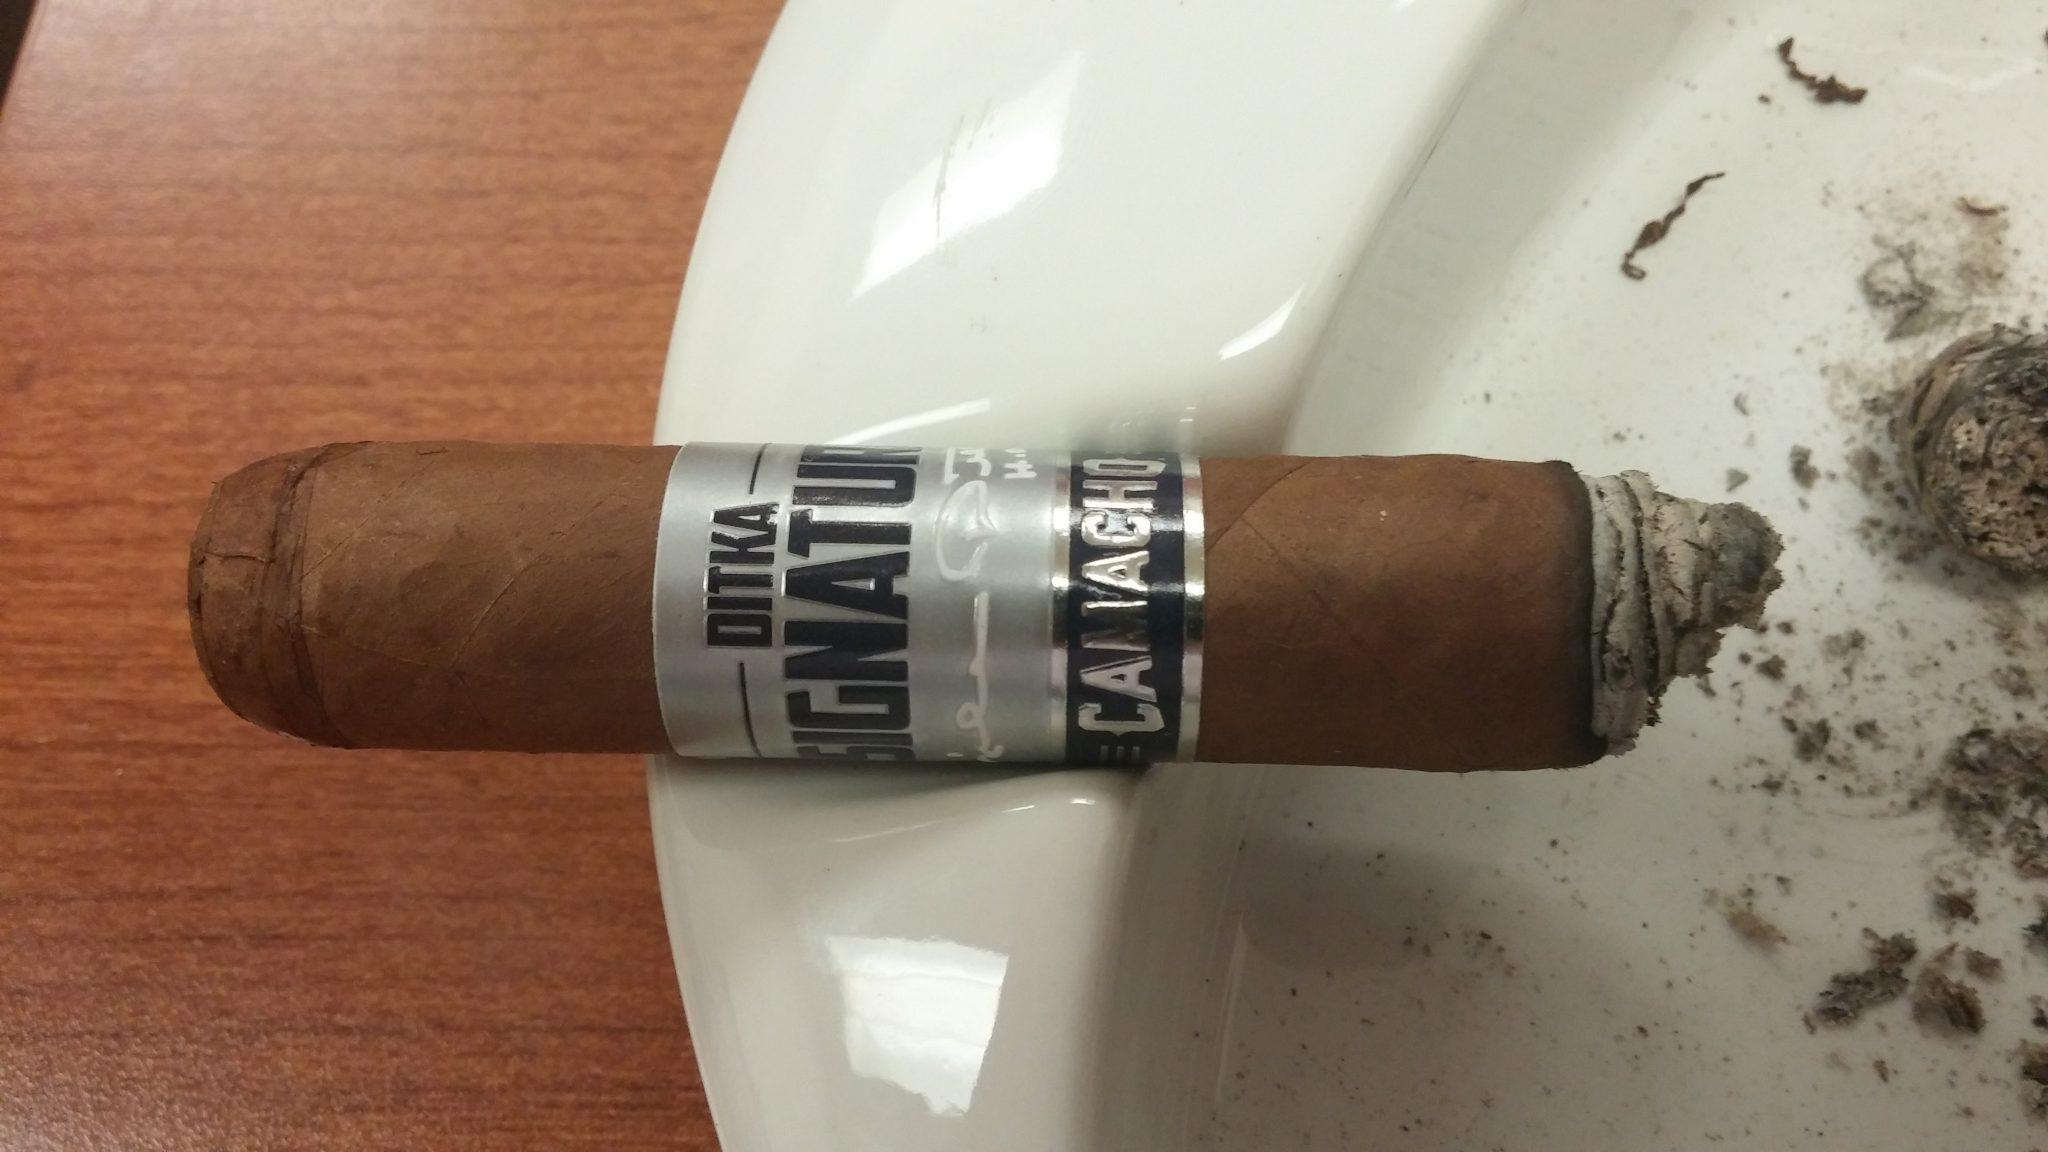 camacho cigars guide camacho ditka signature review john